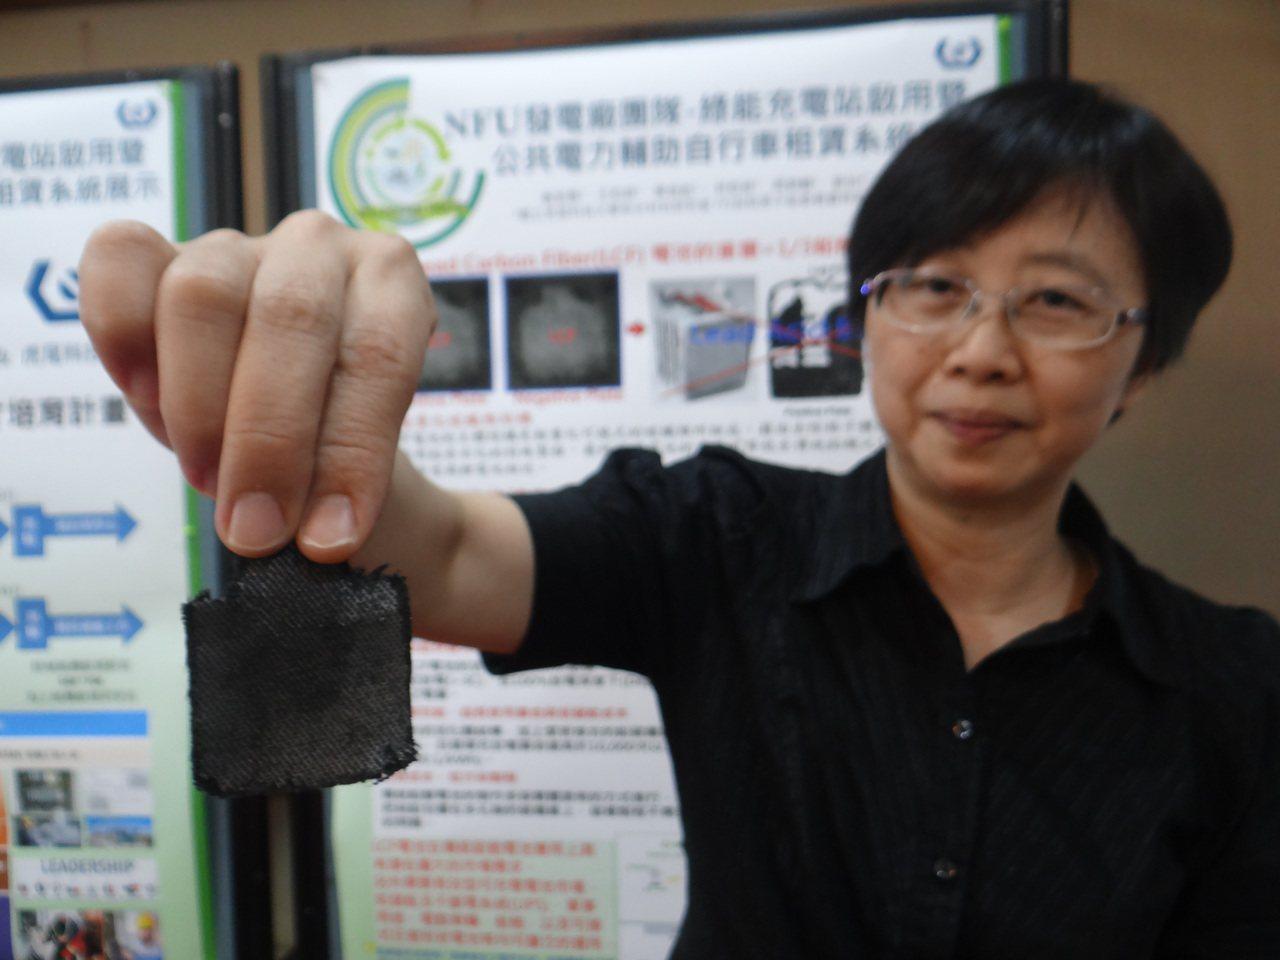 虎科大研發的「鉛碳纖維電極」,只薄薄一片充放電可高達1萬次,效能不輸給鋰電池,對...